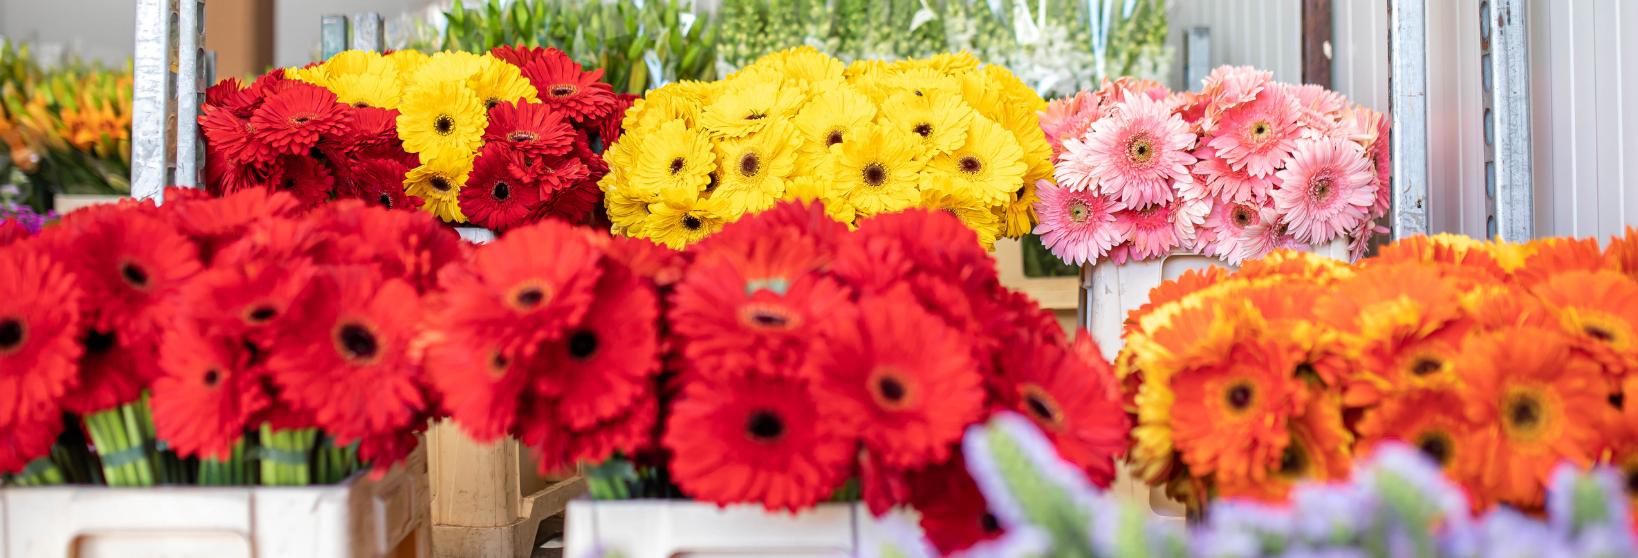 Flores para decorar: ¿cuales elegir?